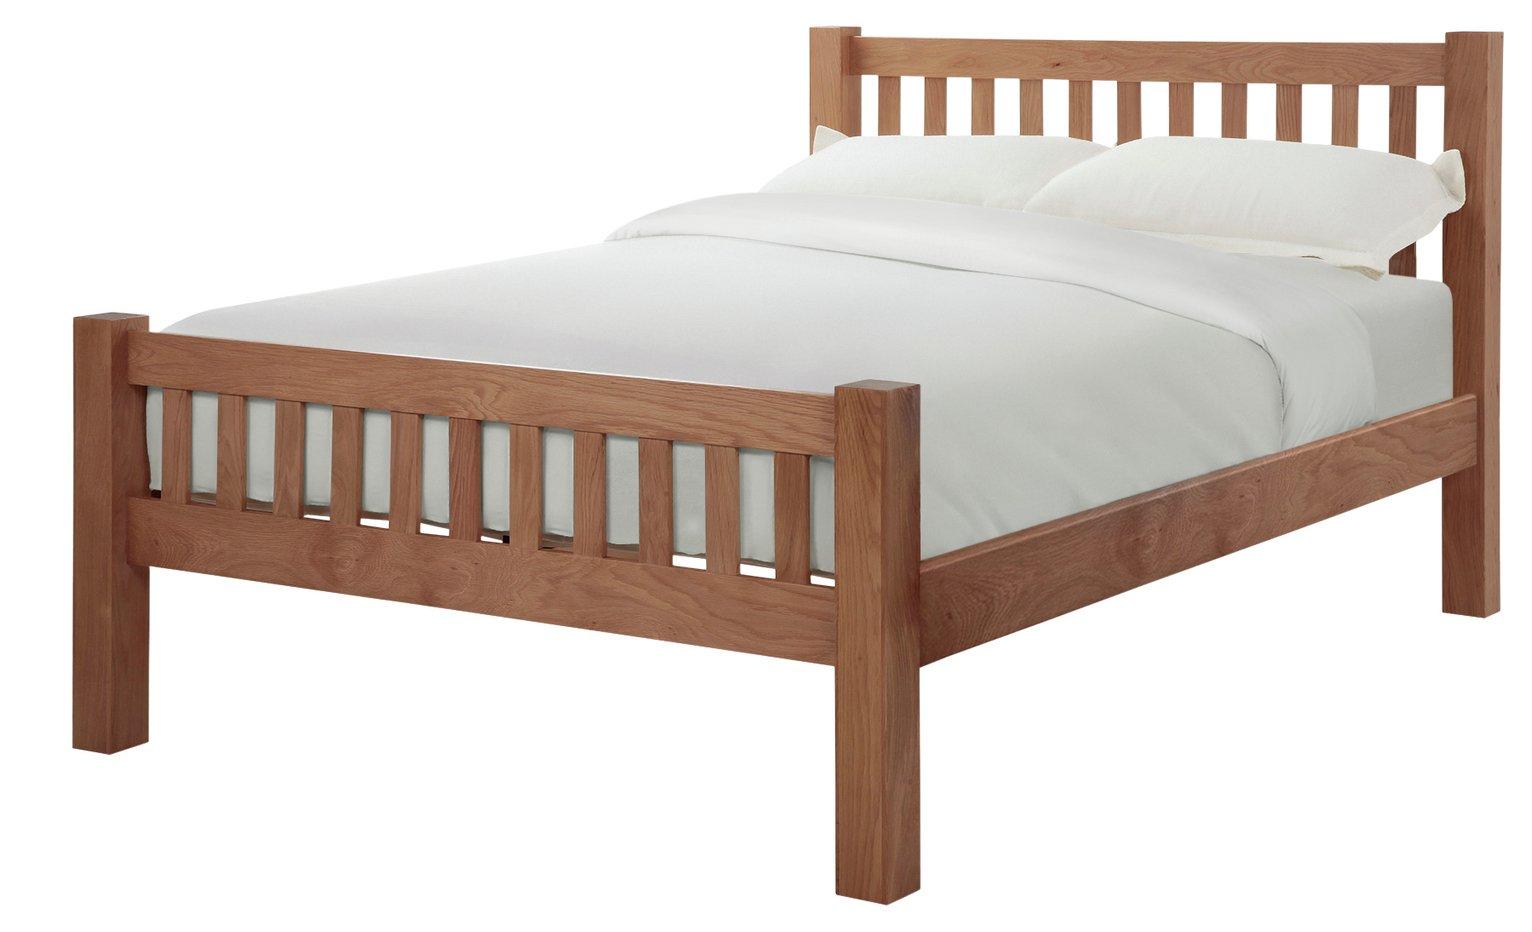 Silentnight Ayton Kingsize Bed Frame - Solid Oak